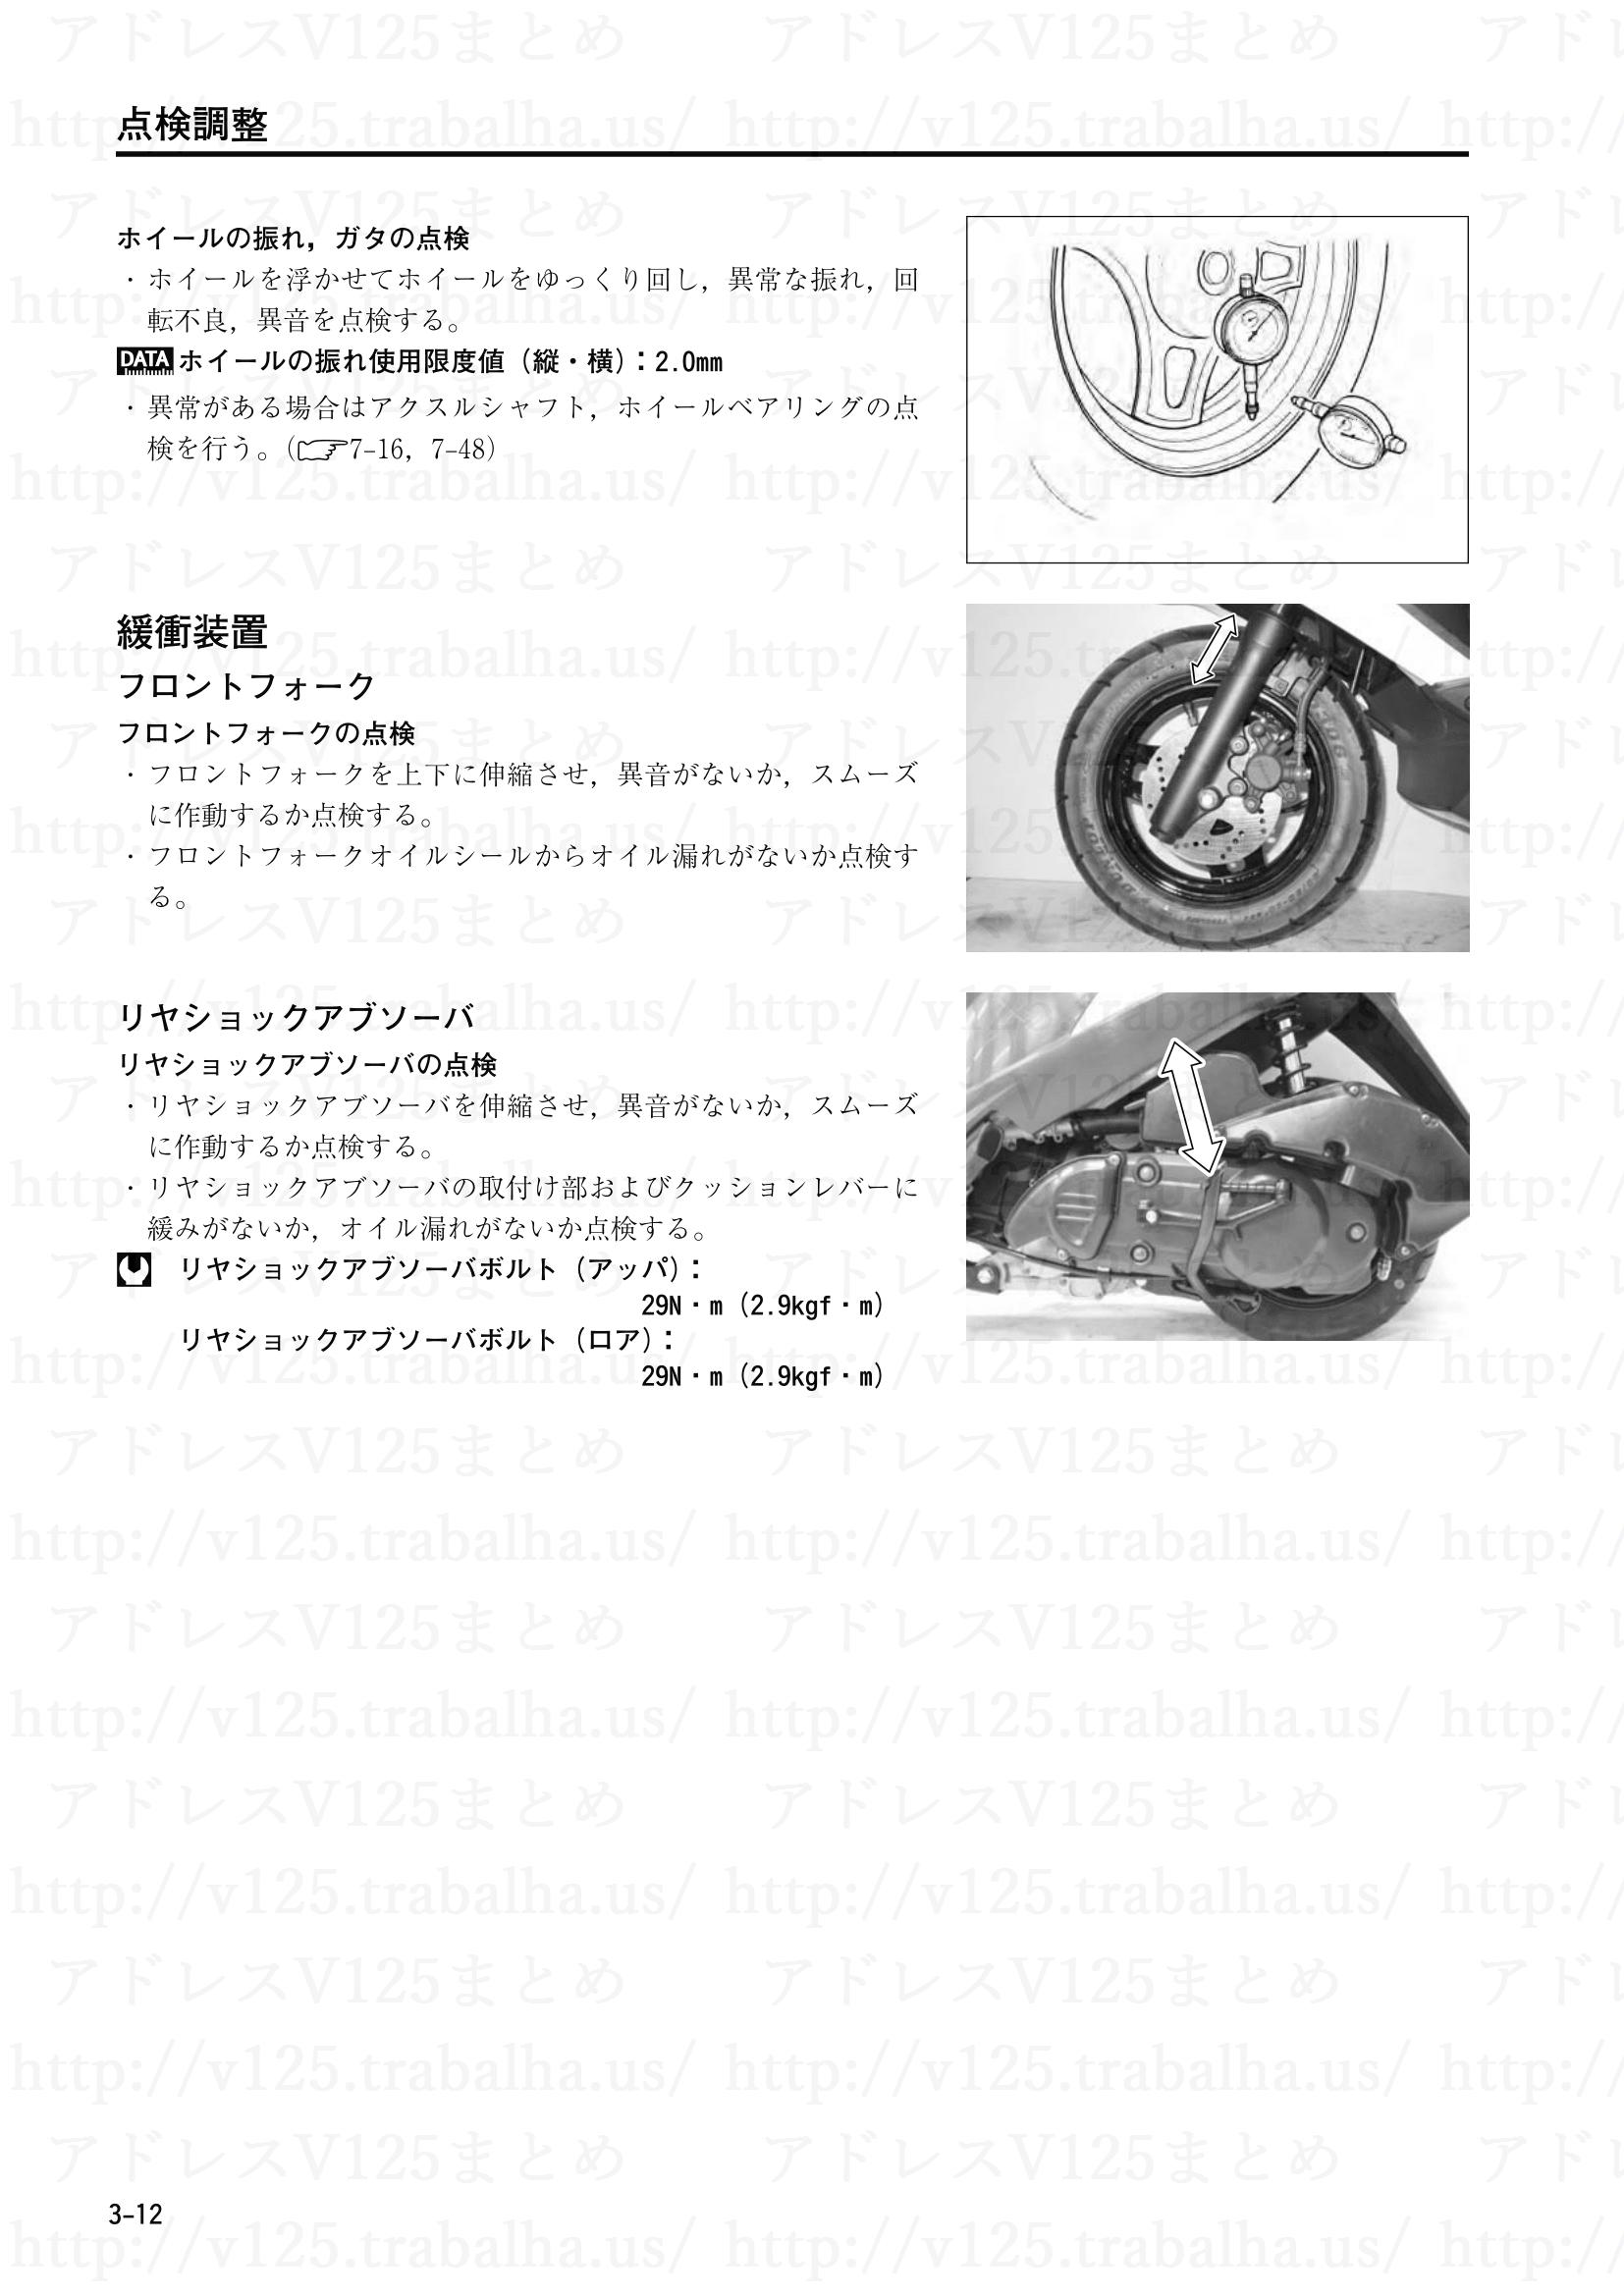 3-12【点検調整】走行装置2